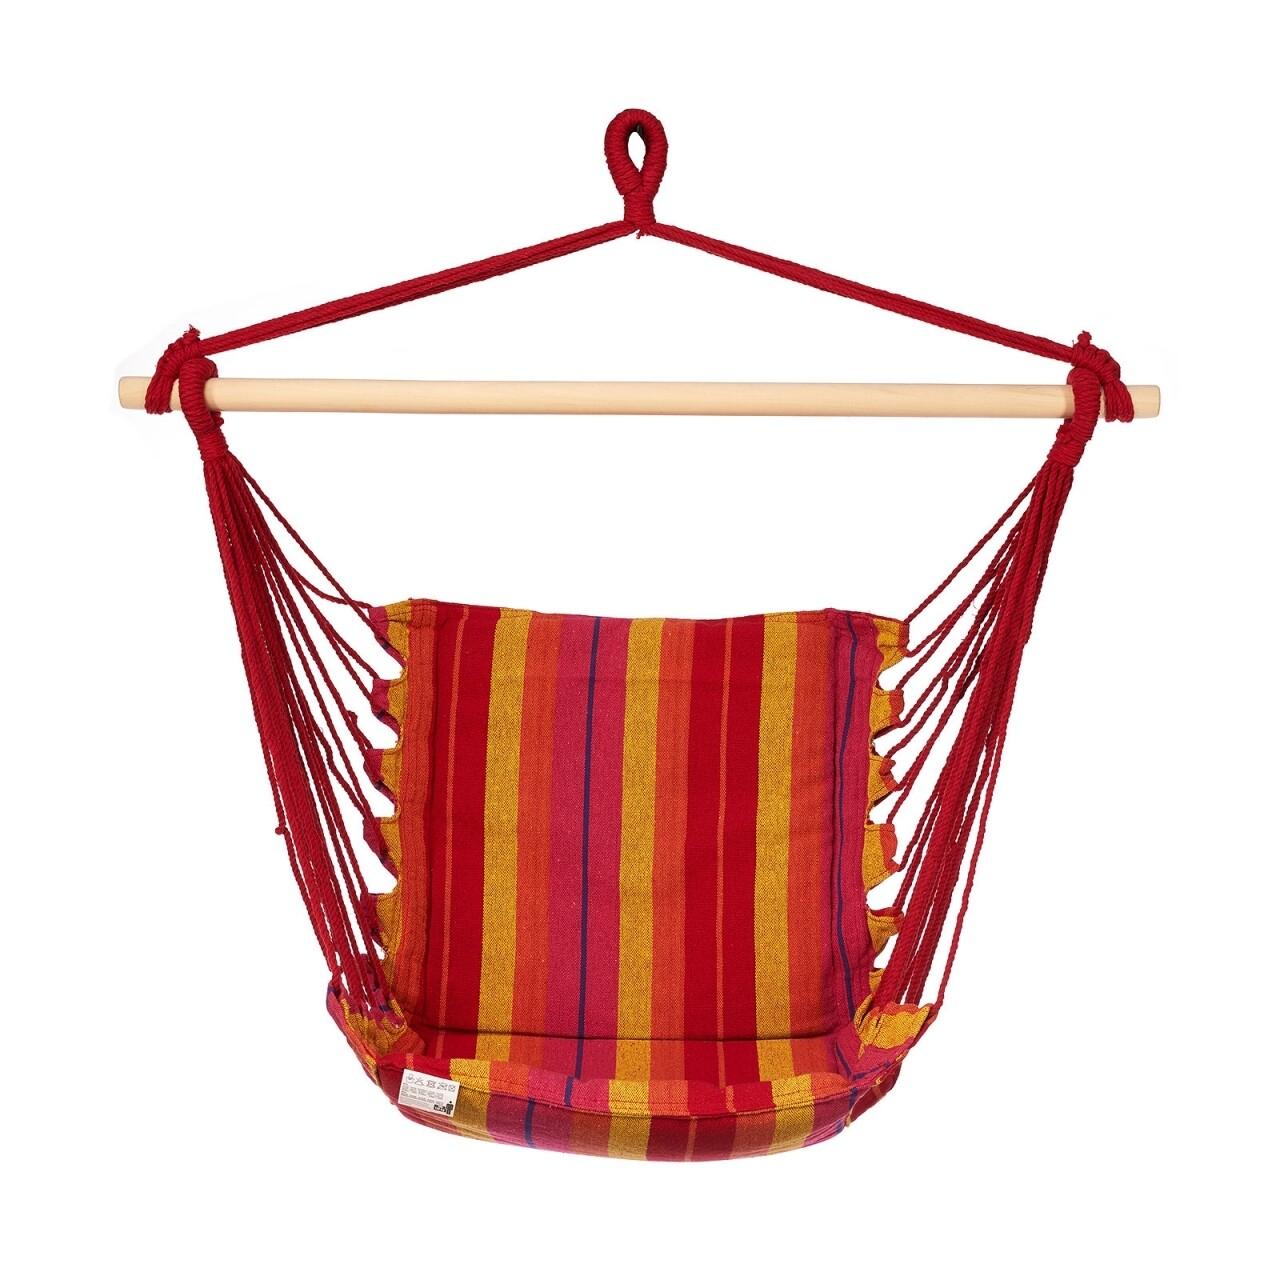 Hamac tip scaun Red & Yellow, 100x55 cm, Heinner